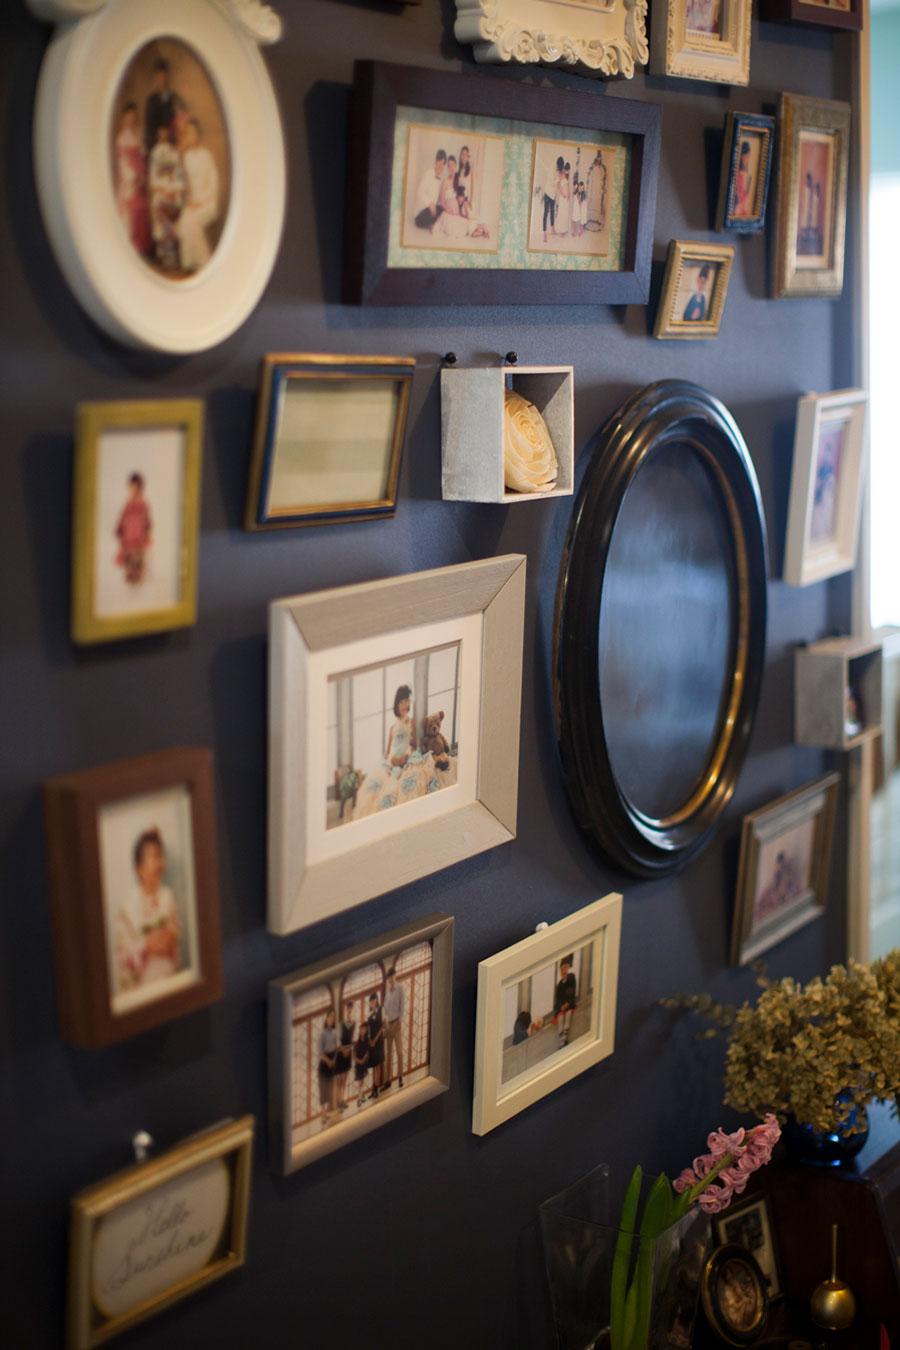 家族の思い出の写真を壁一面に。玄関を開けると現れるこの場所が、岡本さんいちばんのお気に入り。